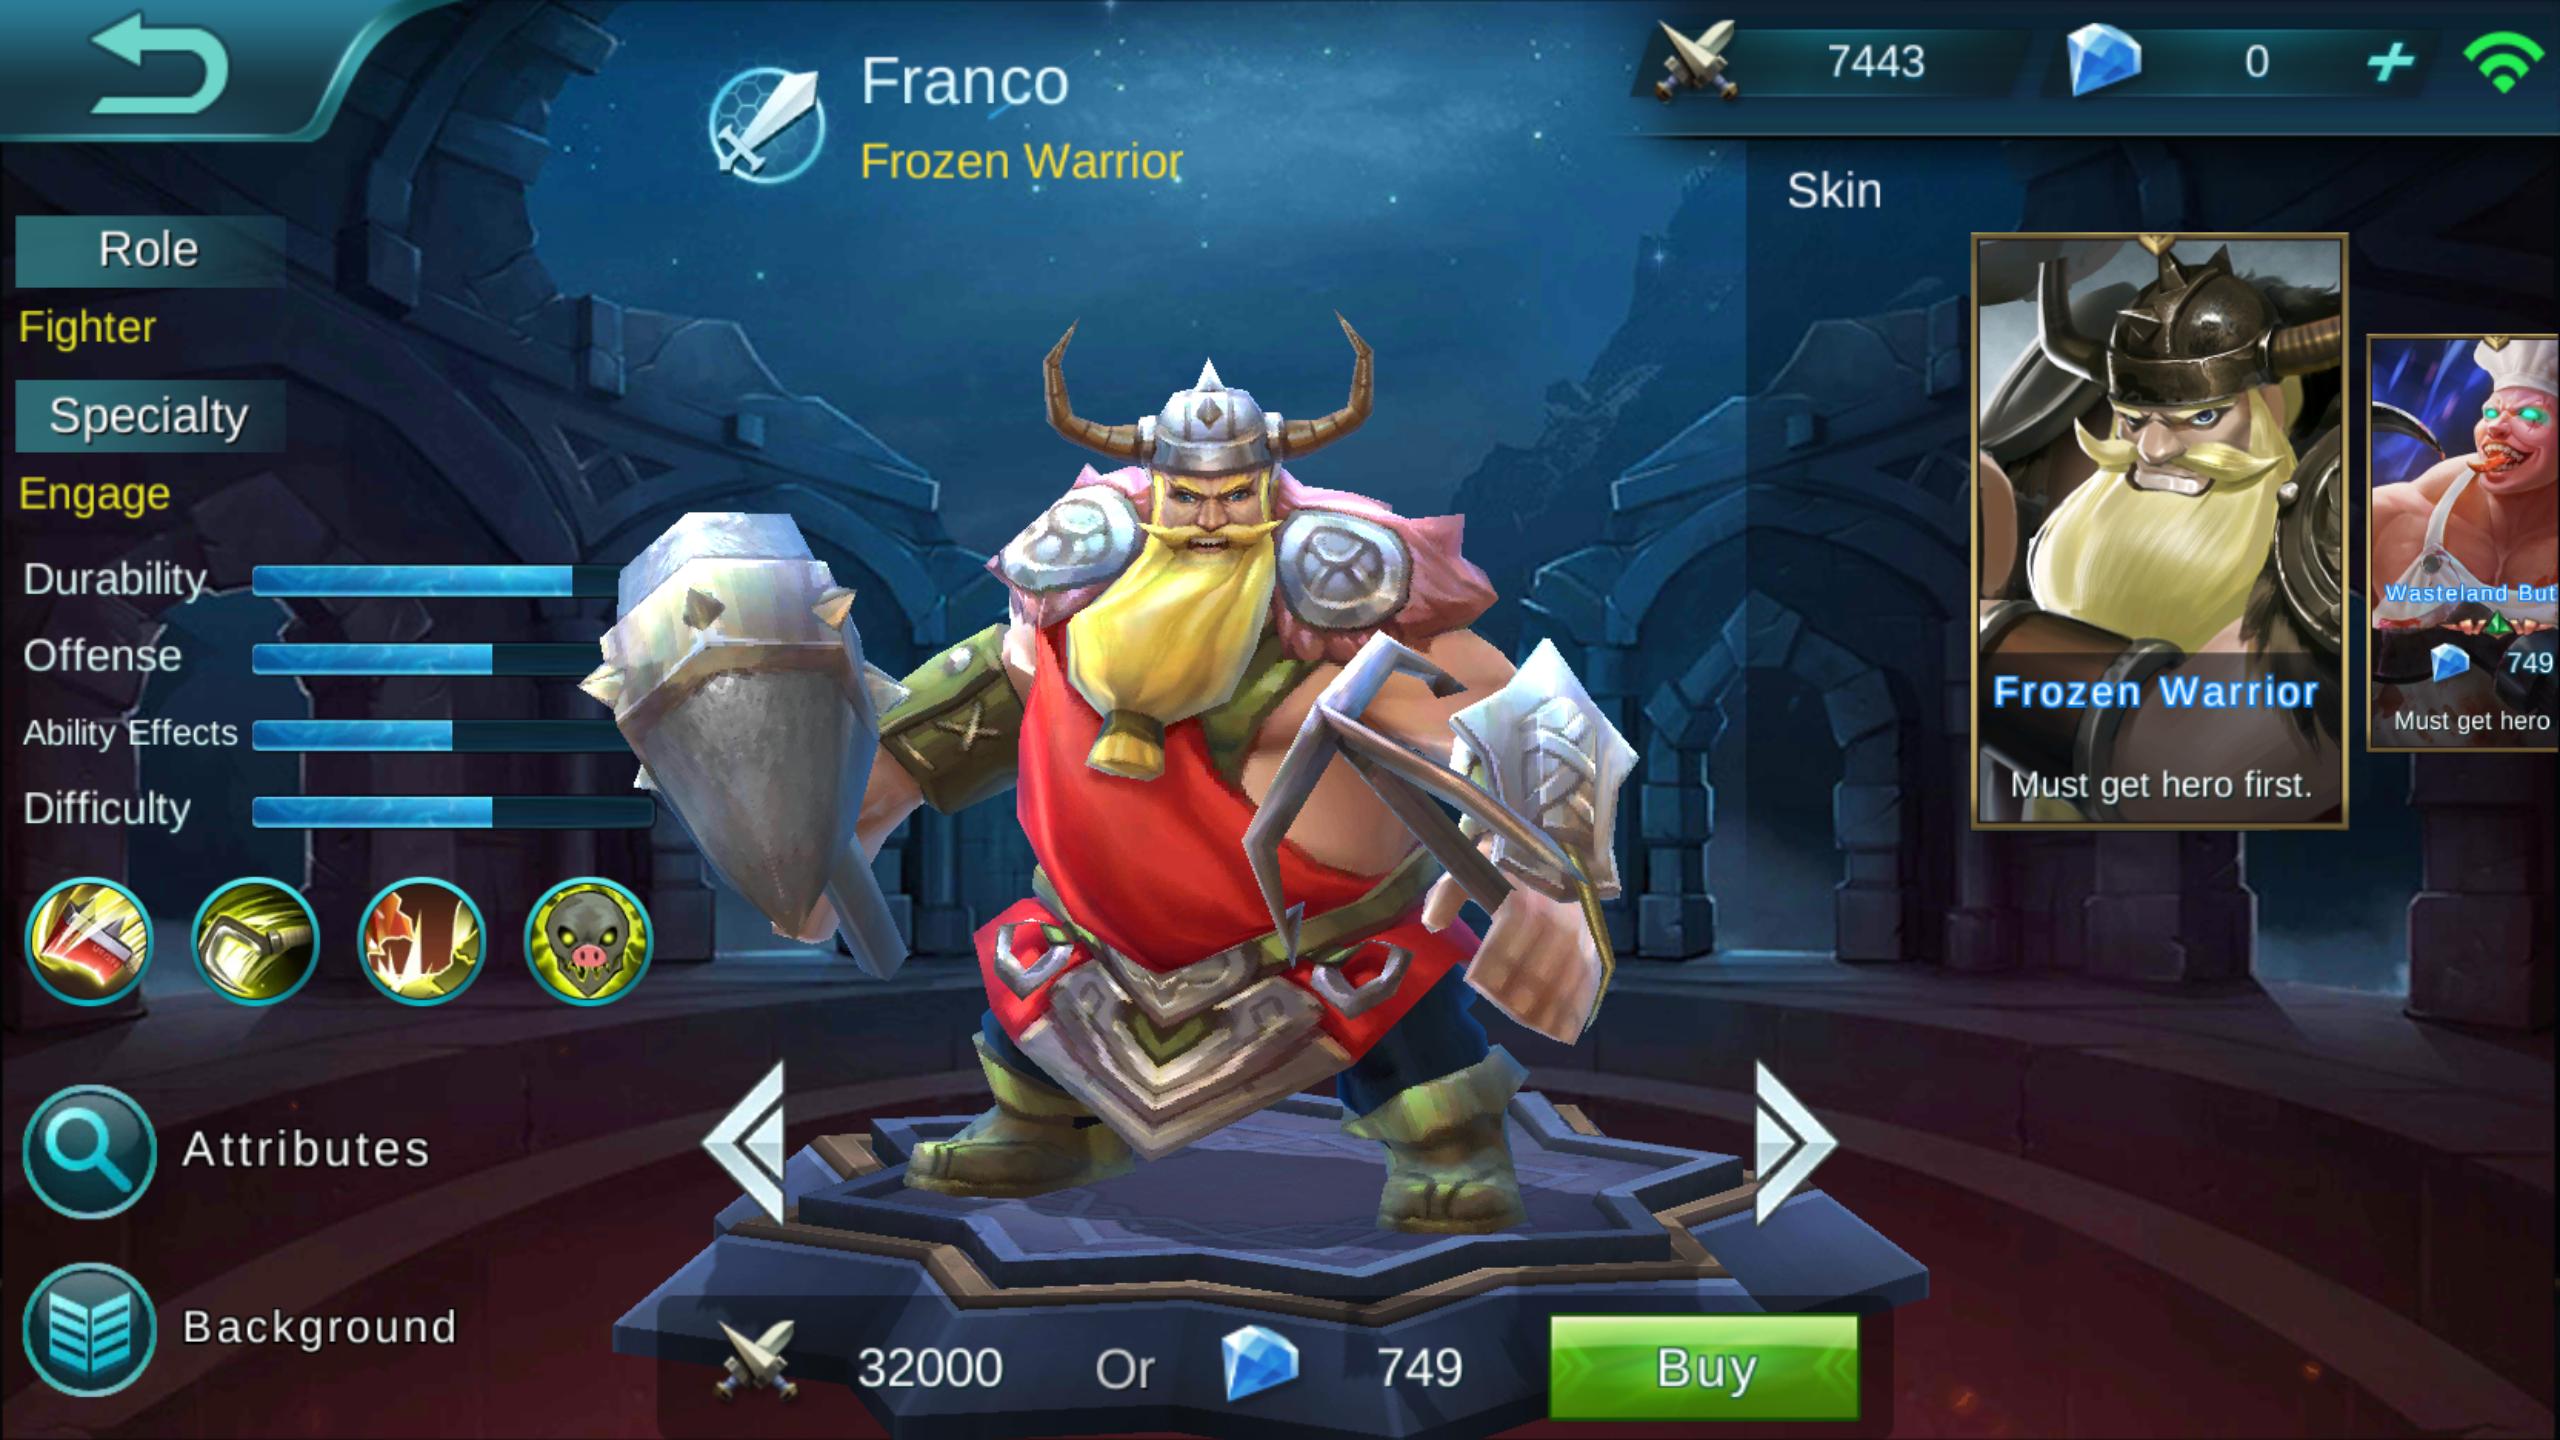 Franco Frozen Warrior Review [Mobile Legends Bang Bang